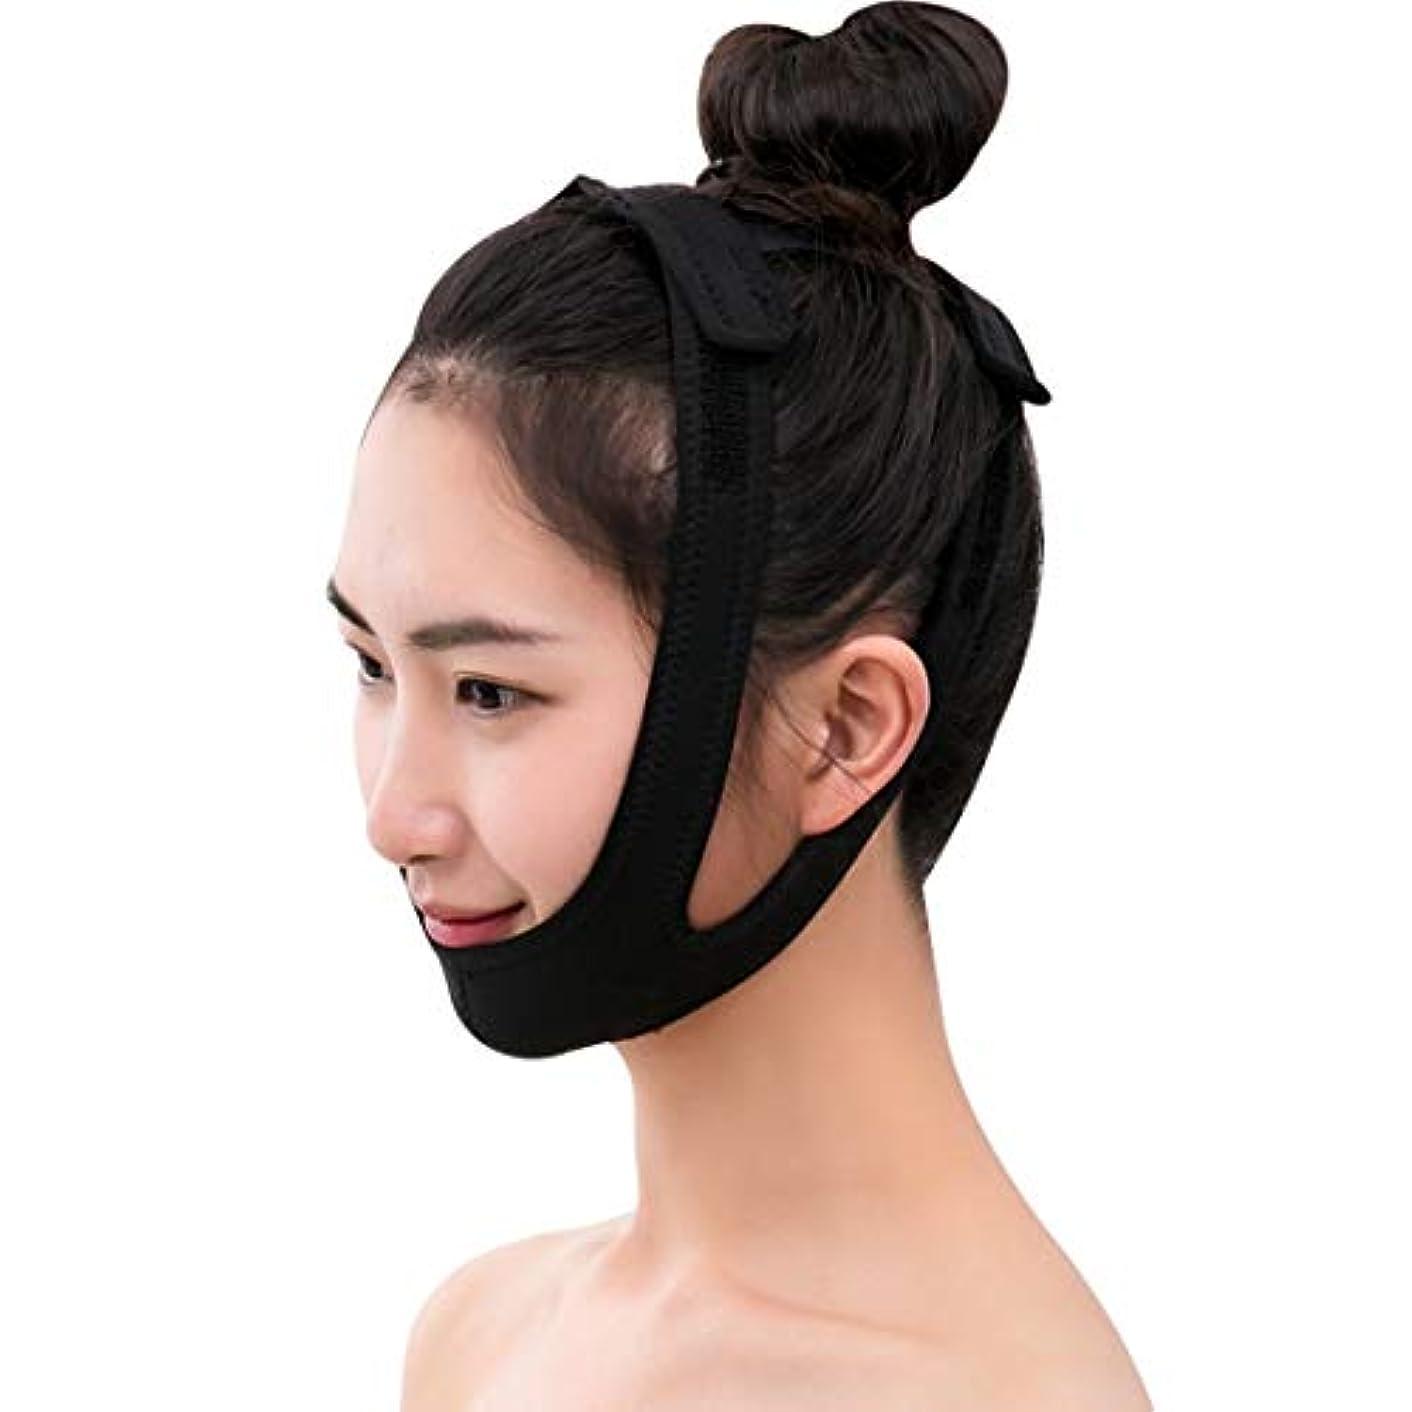 くつろぎつぼみ瞑想的ZWBD フェイスマスク, フェイスリフティング包帯マスク小さなVフェイス包帯はツールで引くことができます睡眠薄い顔の顔の持ち上がる美顔のマッサージ調整可能なサイズブラック